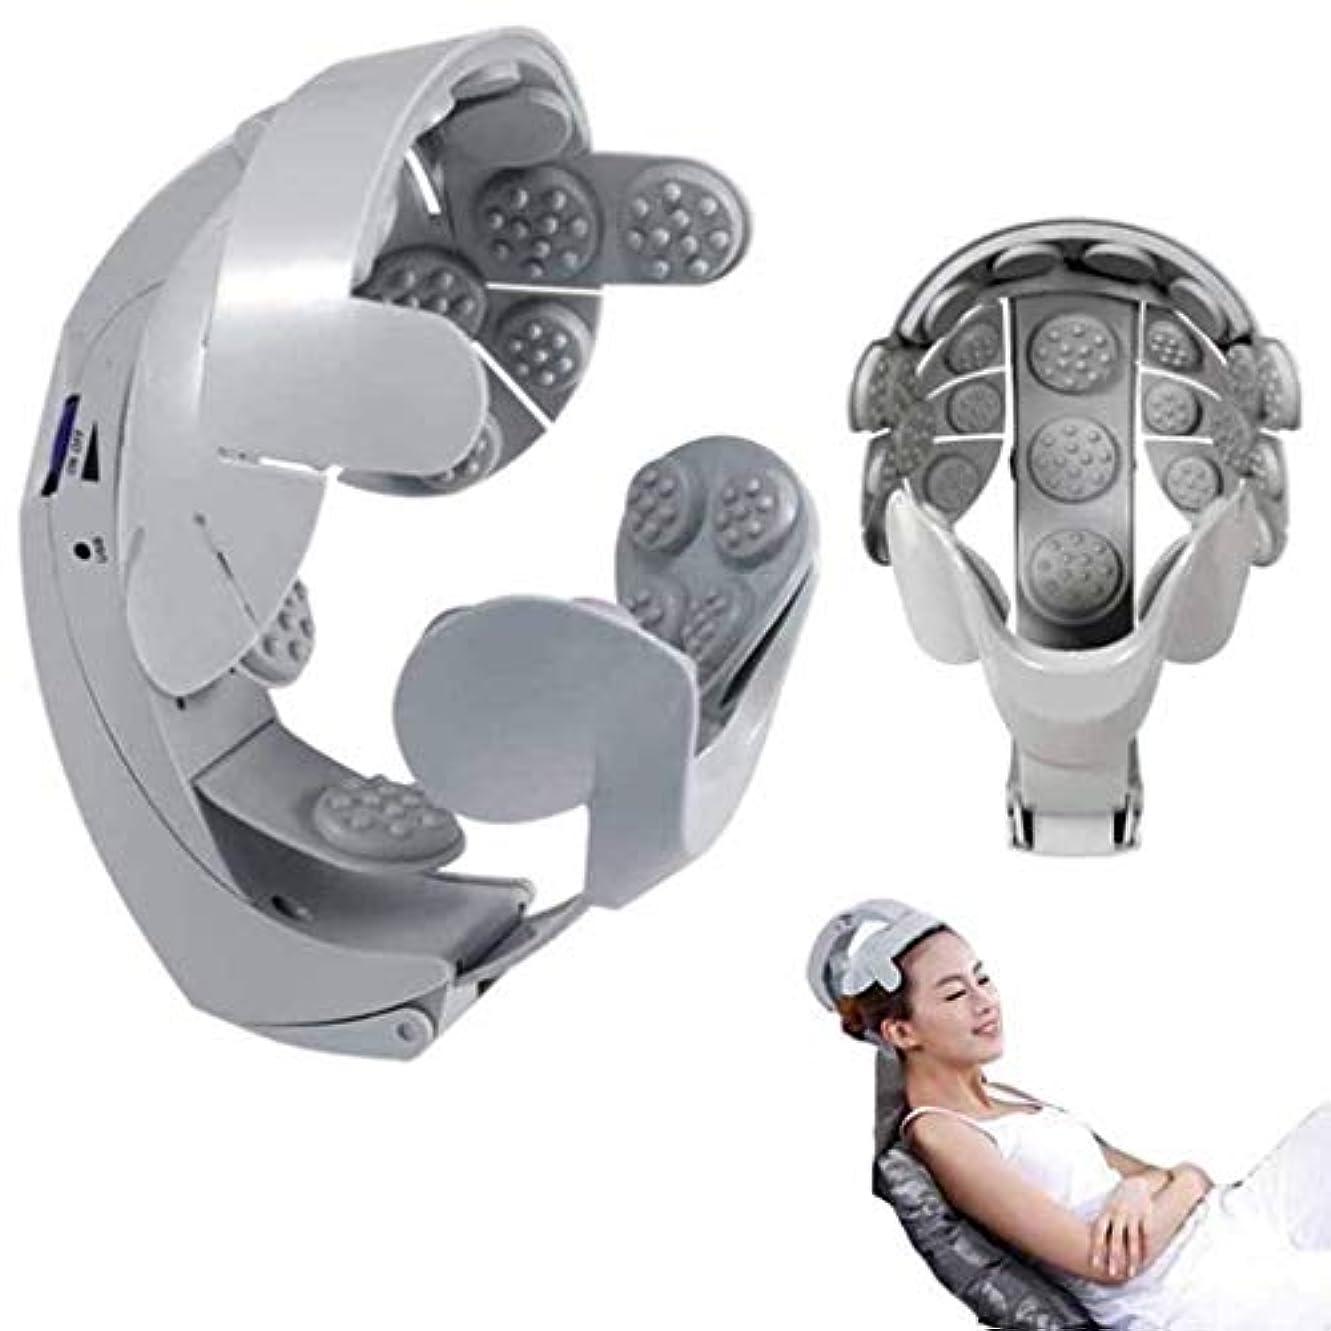 彼自身コンピューターゲームをプレイする名前で電気ヘッドマッサージャー、8調整可能なヘルメット頭皮鍼治療のポイント、ユーザーフレンドリーなデザイン、脳マッサージは簡単です